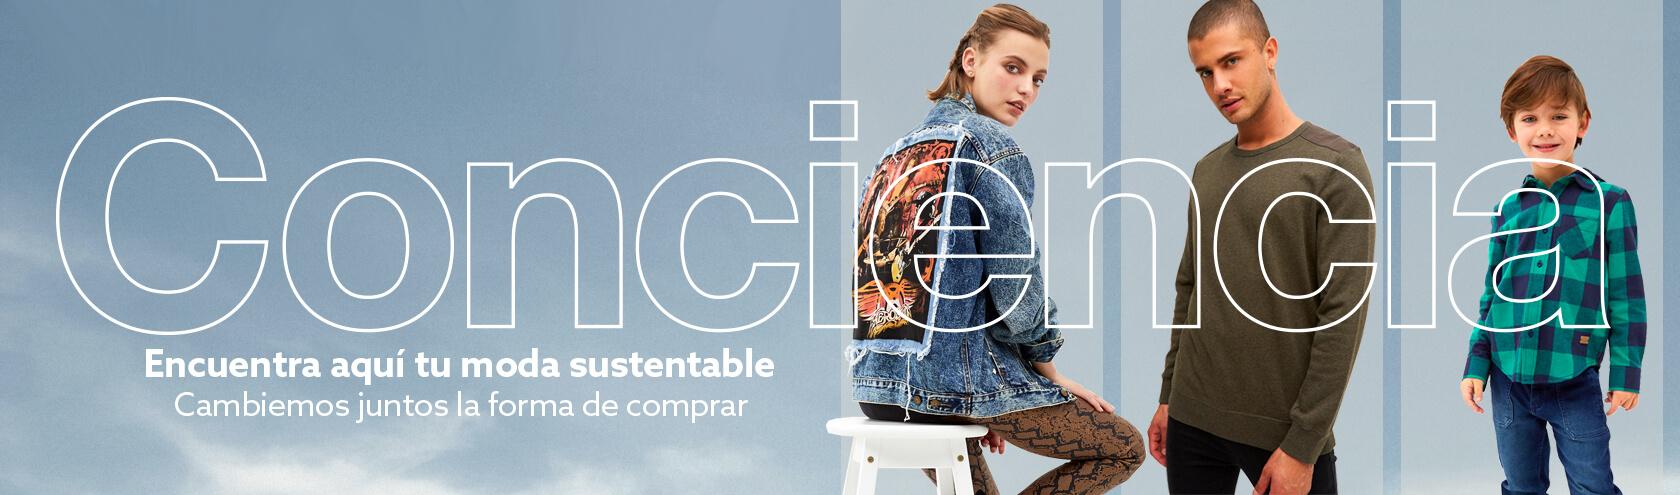 Conciencia, 100 porciento comprometidos con la moda sustentable